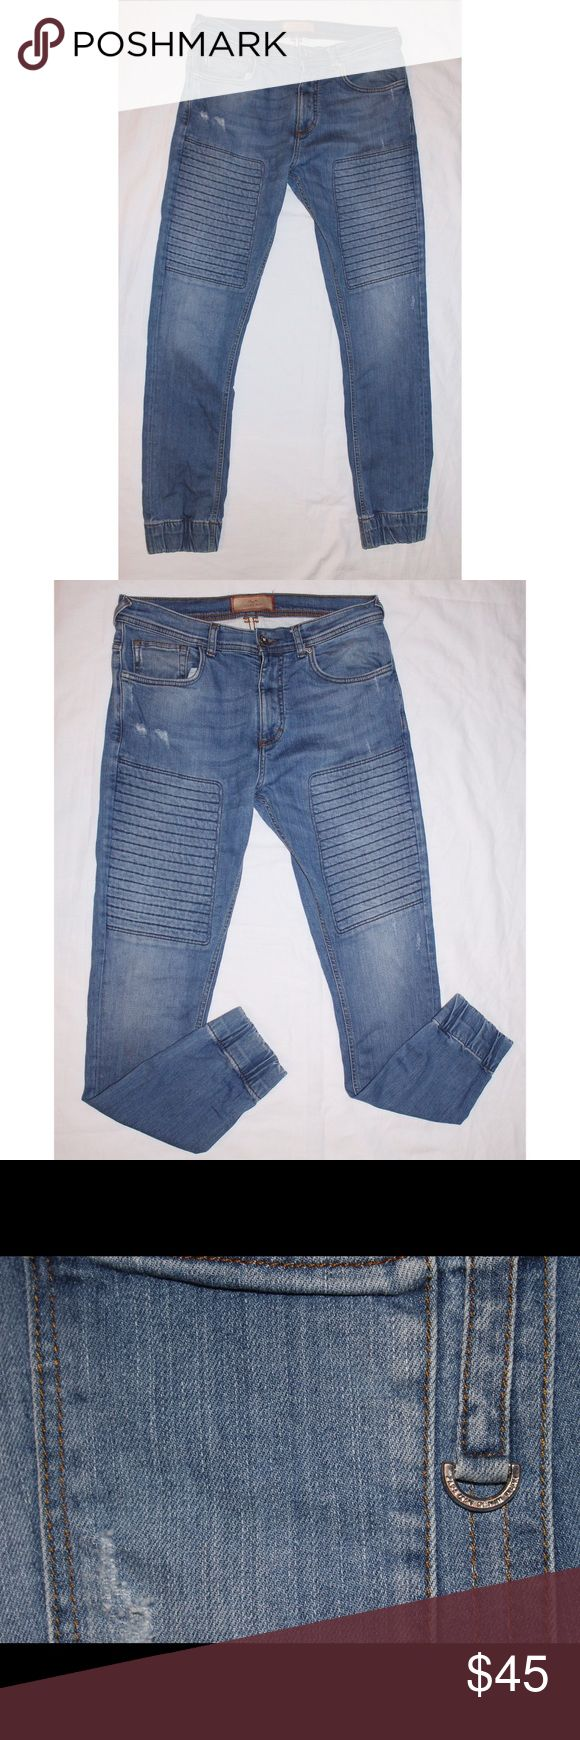 Zara Man Denim Jean Distressed Joggers 32x30 Zara Man Jeans